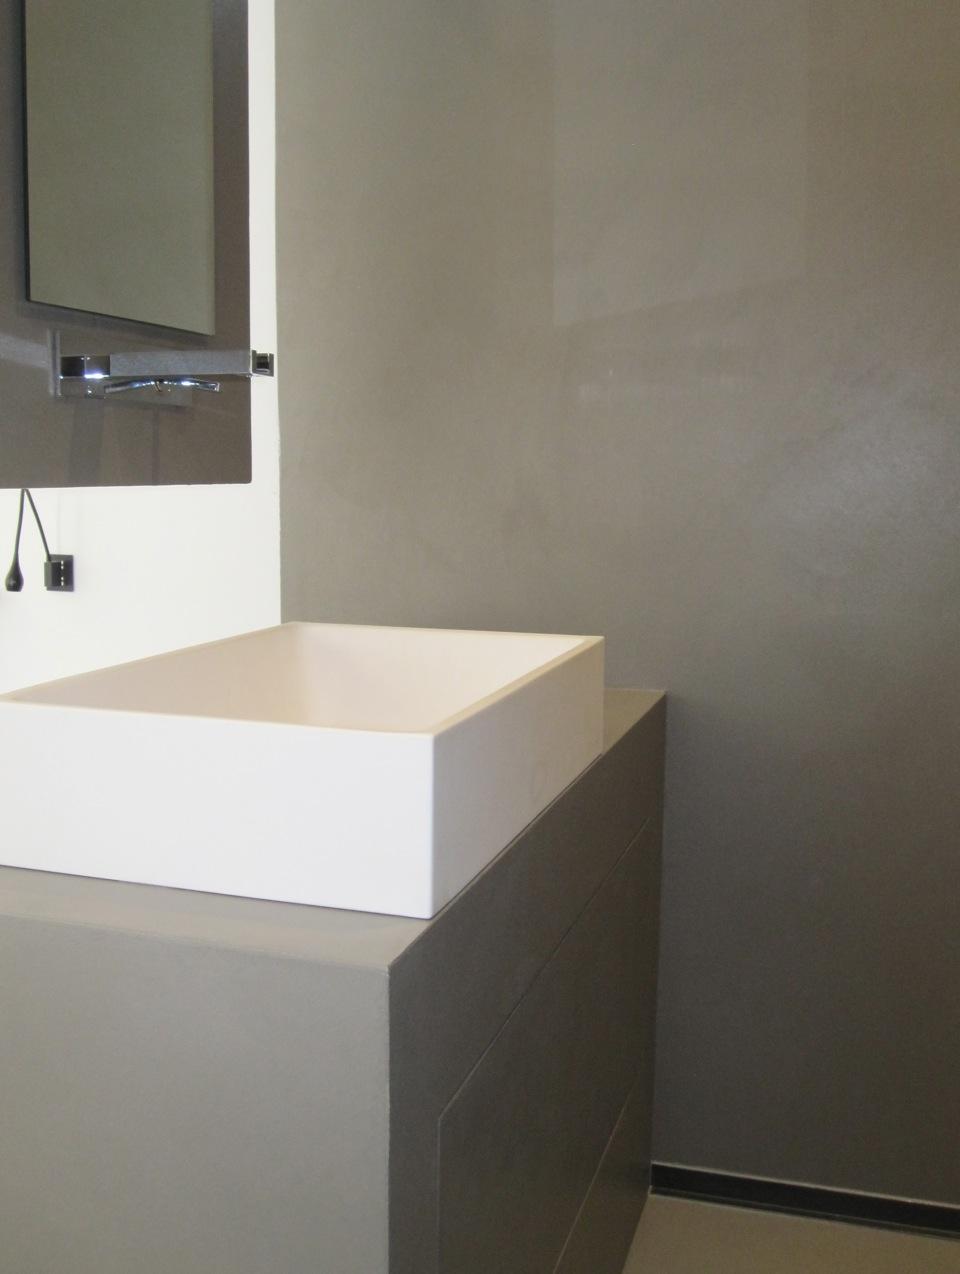 Resine bagno idee creative di interni e mobili - Resina per bagno ...